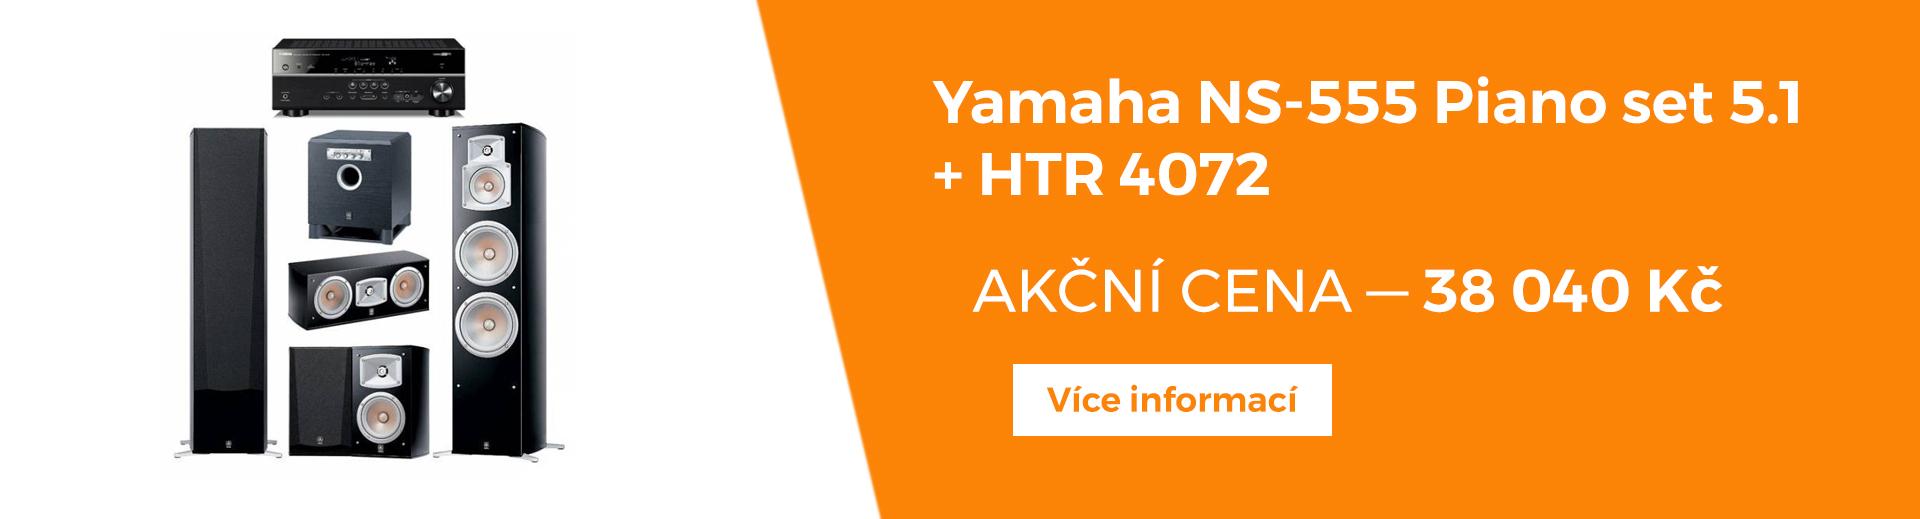 Yamaha + HTR